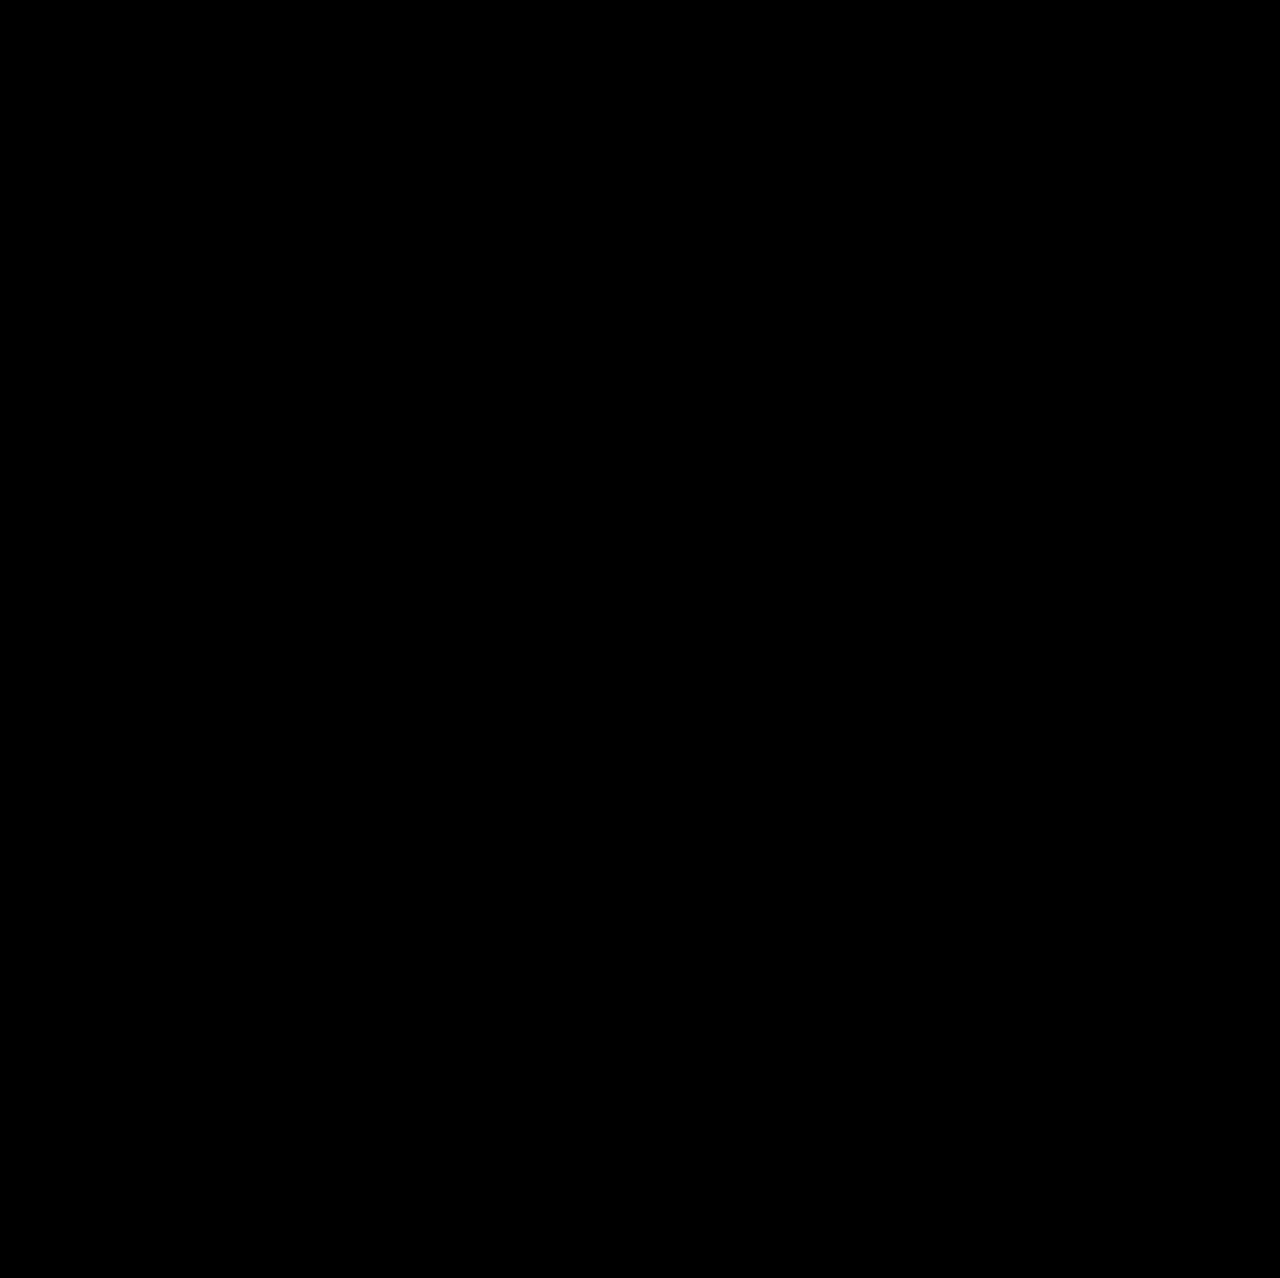 גראס בצבע שחור